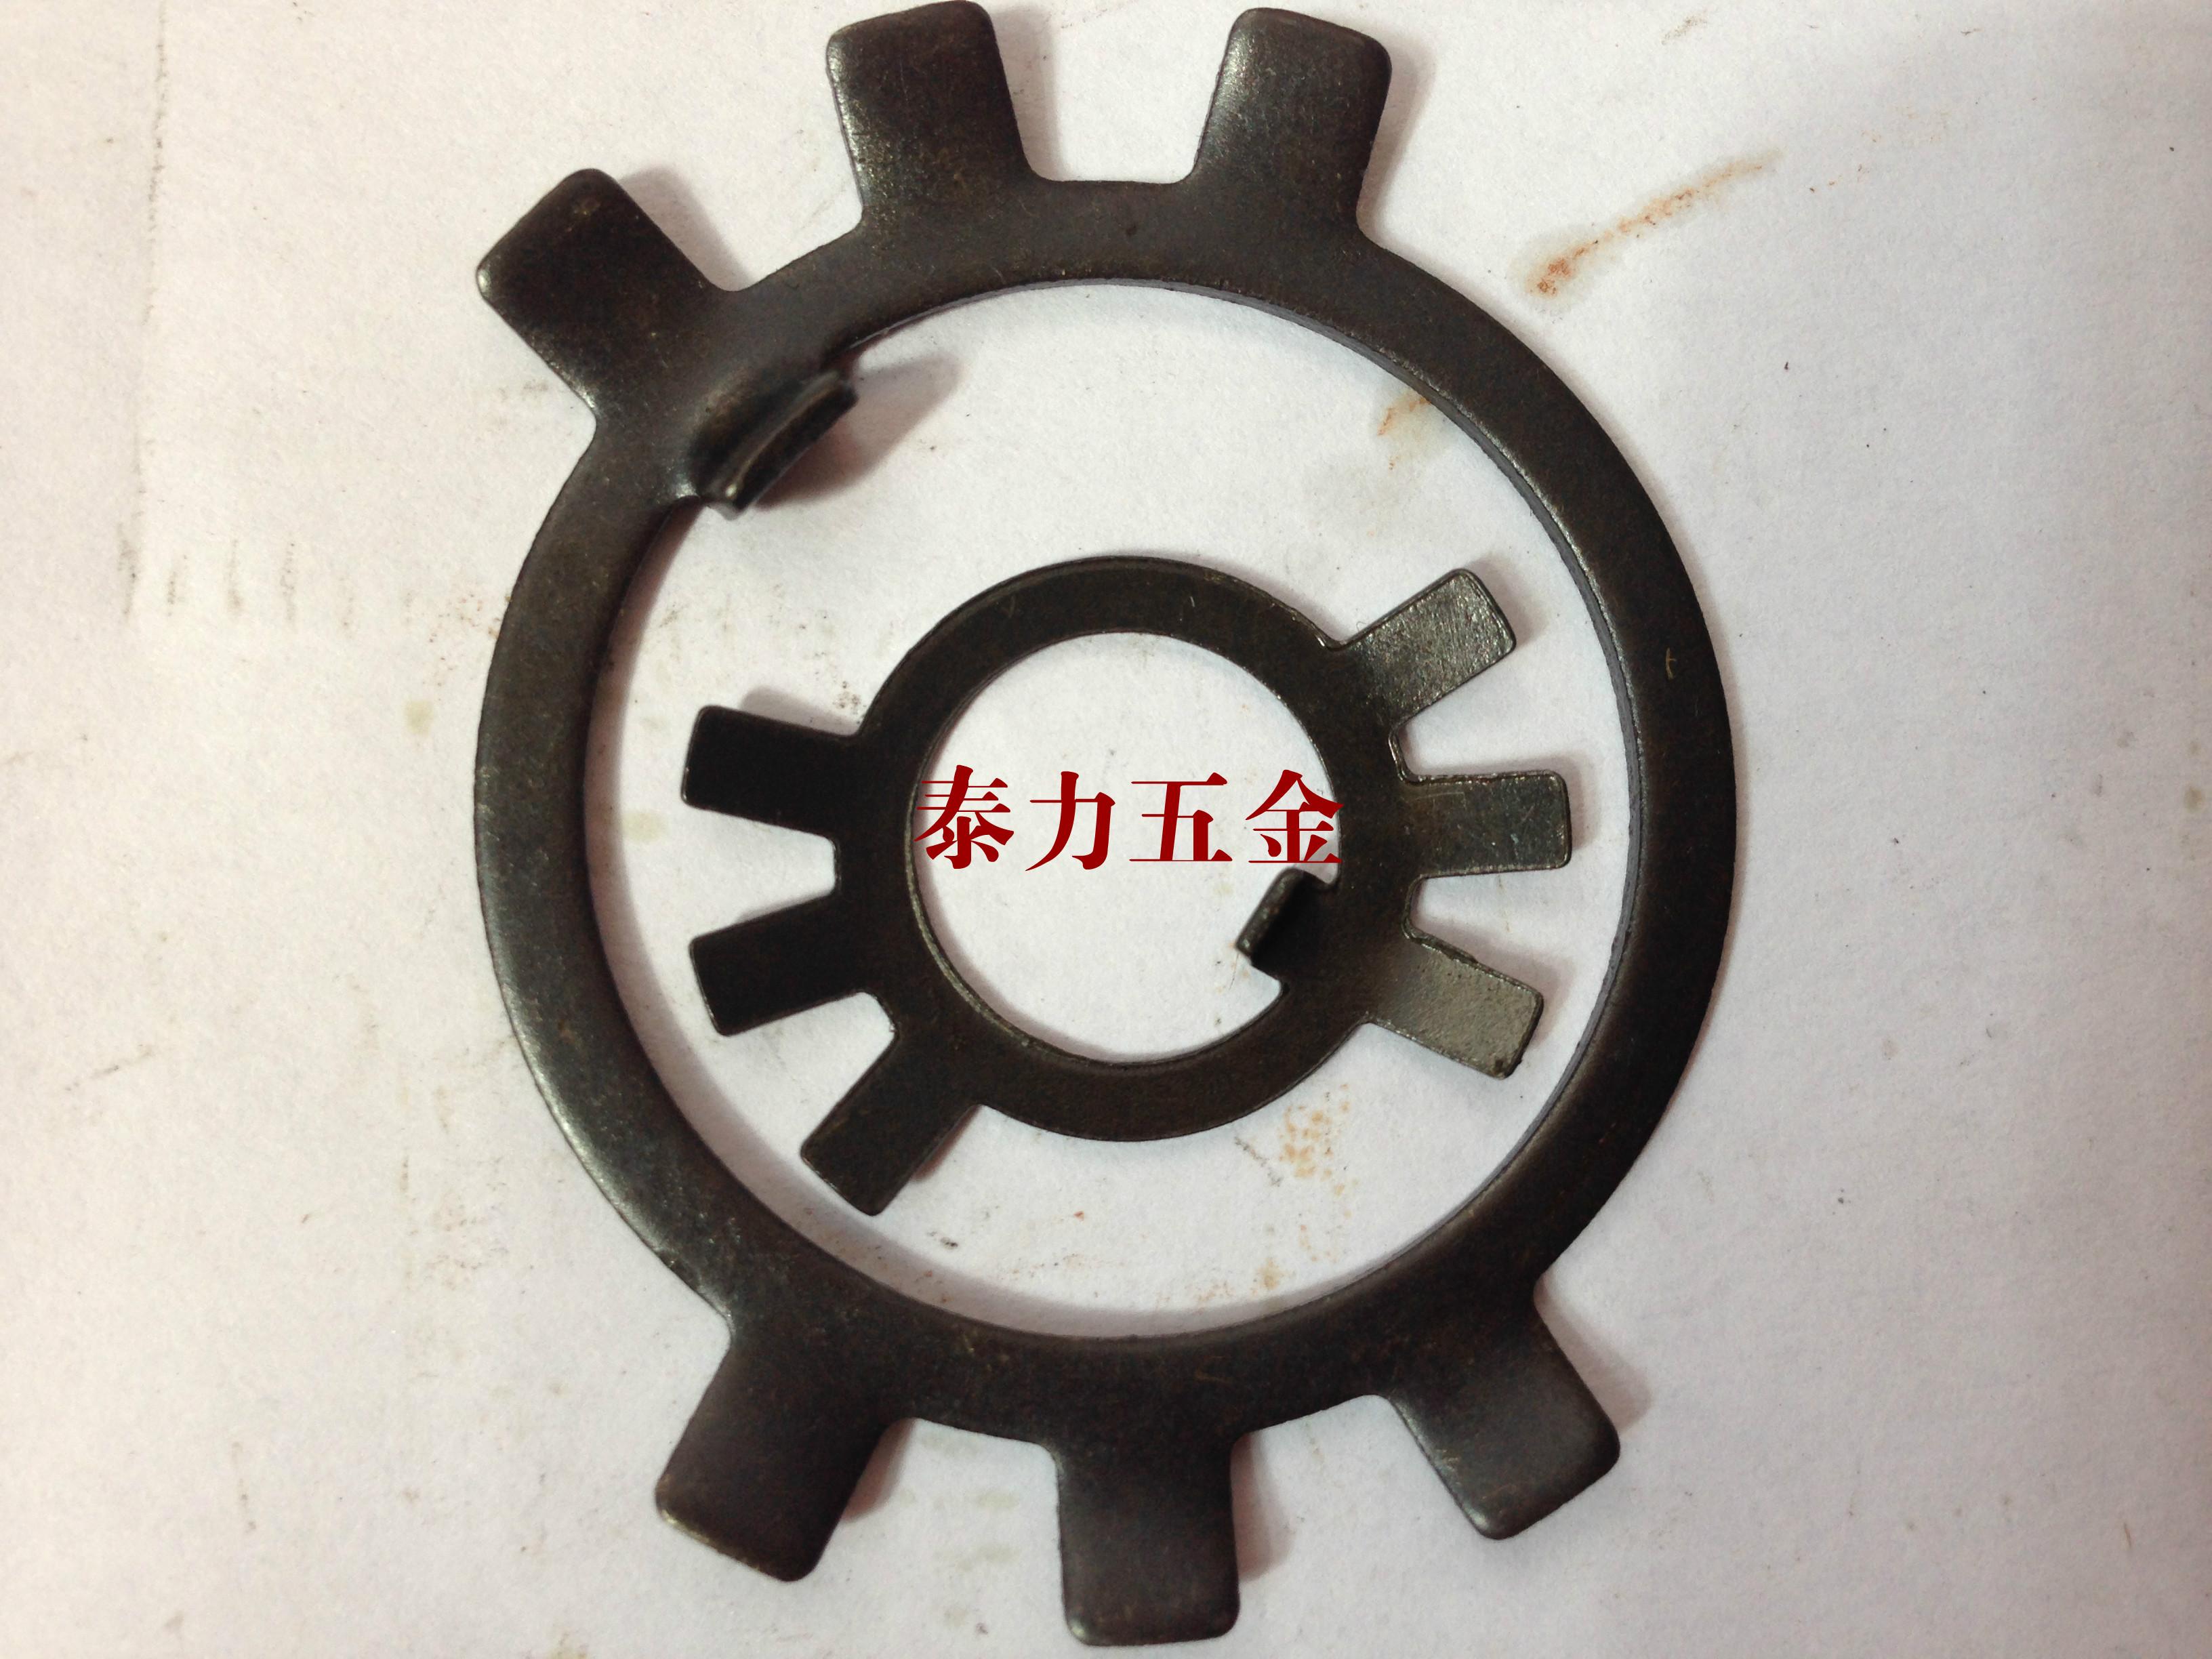 GB858 только отступление стиральная машина / только шаг стиральная машина / шесть коготей стиральная машина / солнце стиральная машина / безопасность прокладка M10--M60